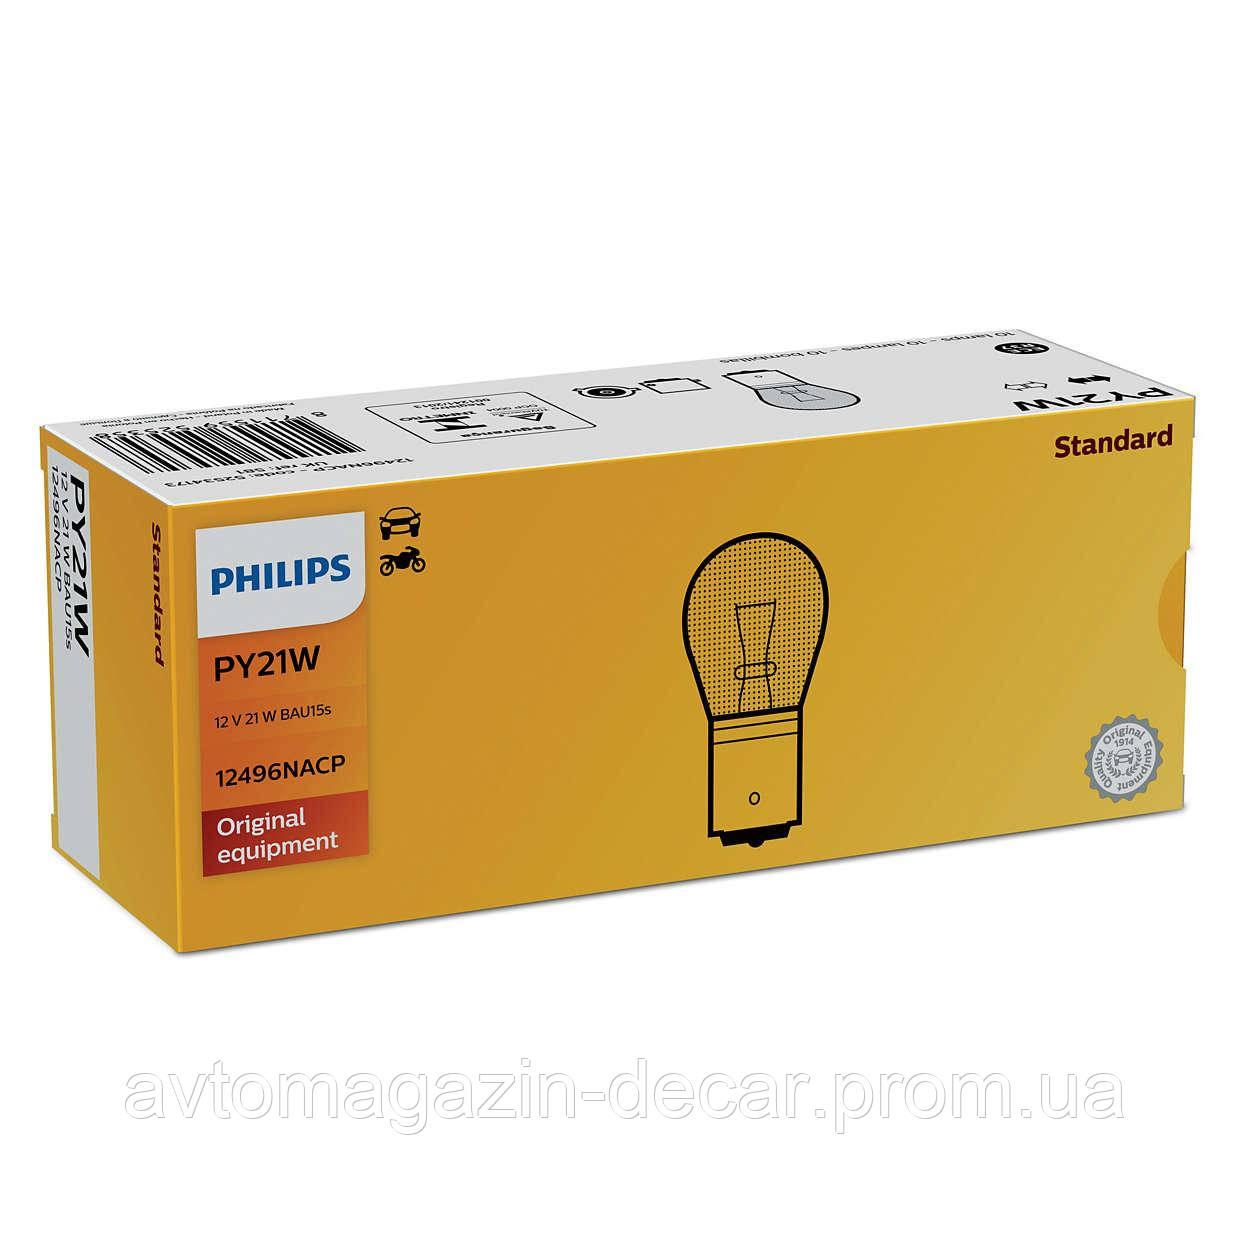 """Лампа 12V  (цок.смещ.янтар ВАU15s) P21W """"Philips"""" (12496NACP) Amber   (10шт/уп)"""